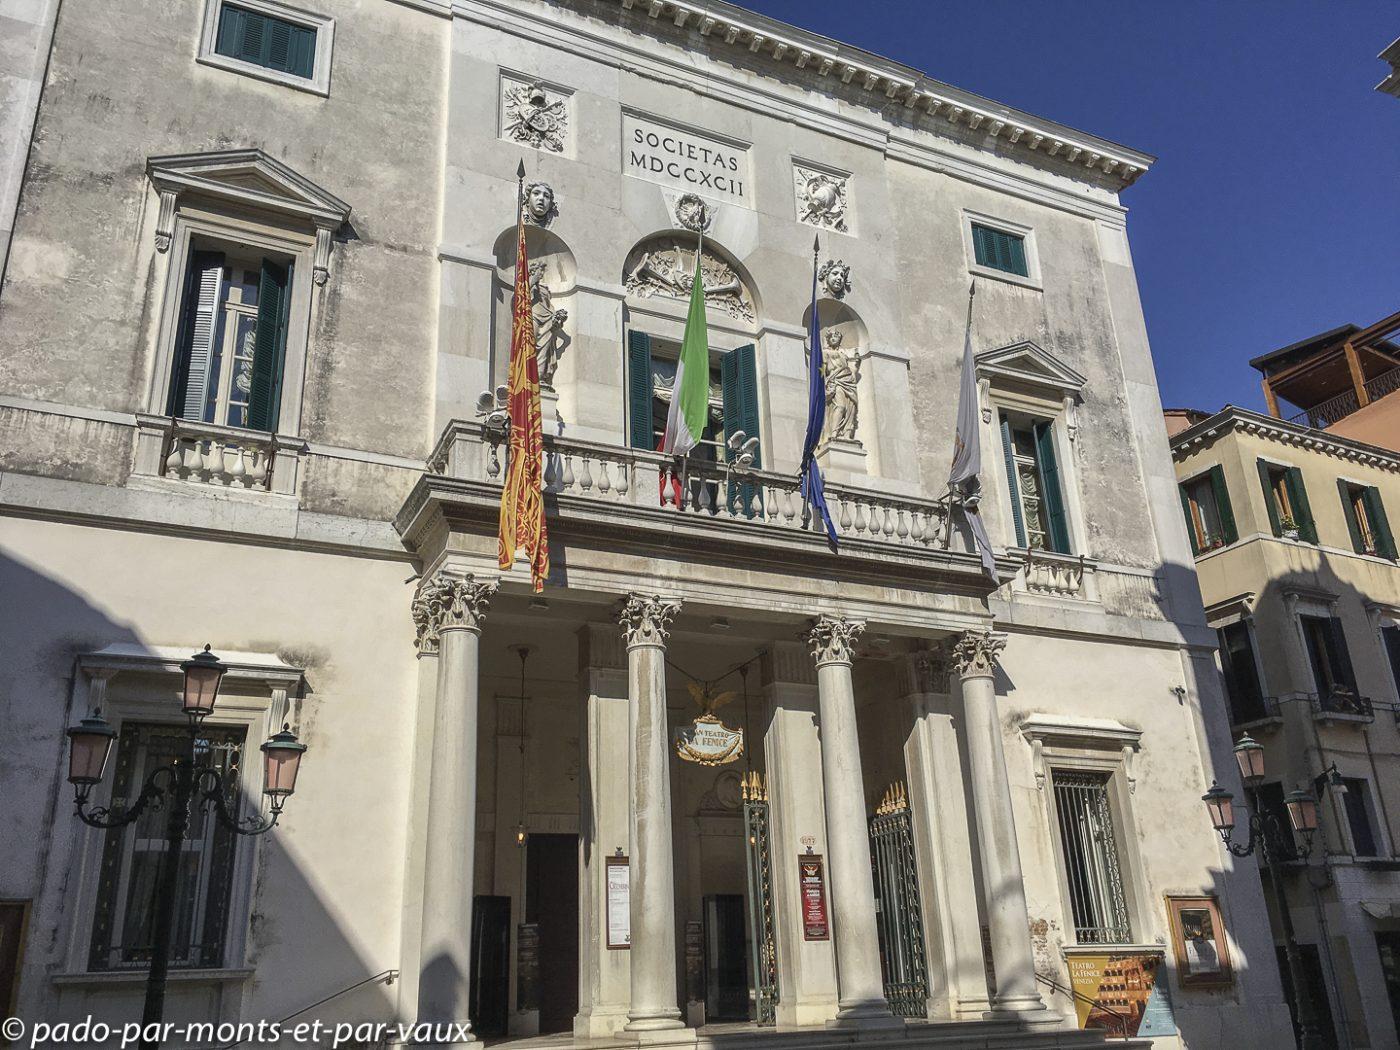 Venise - Théâtre de la Fenice